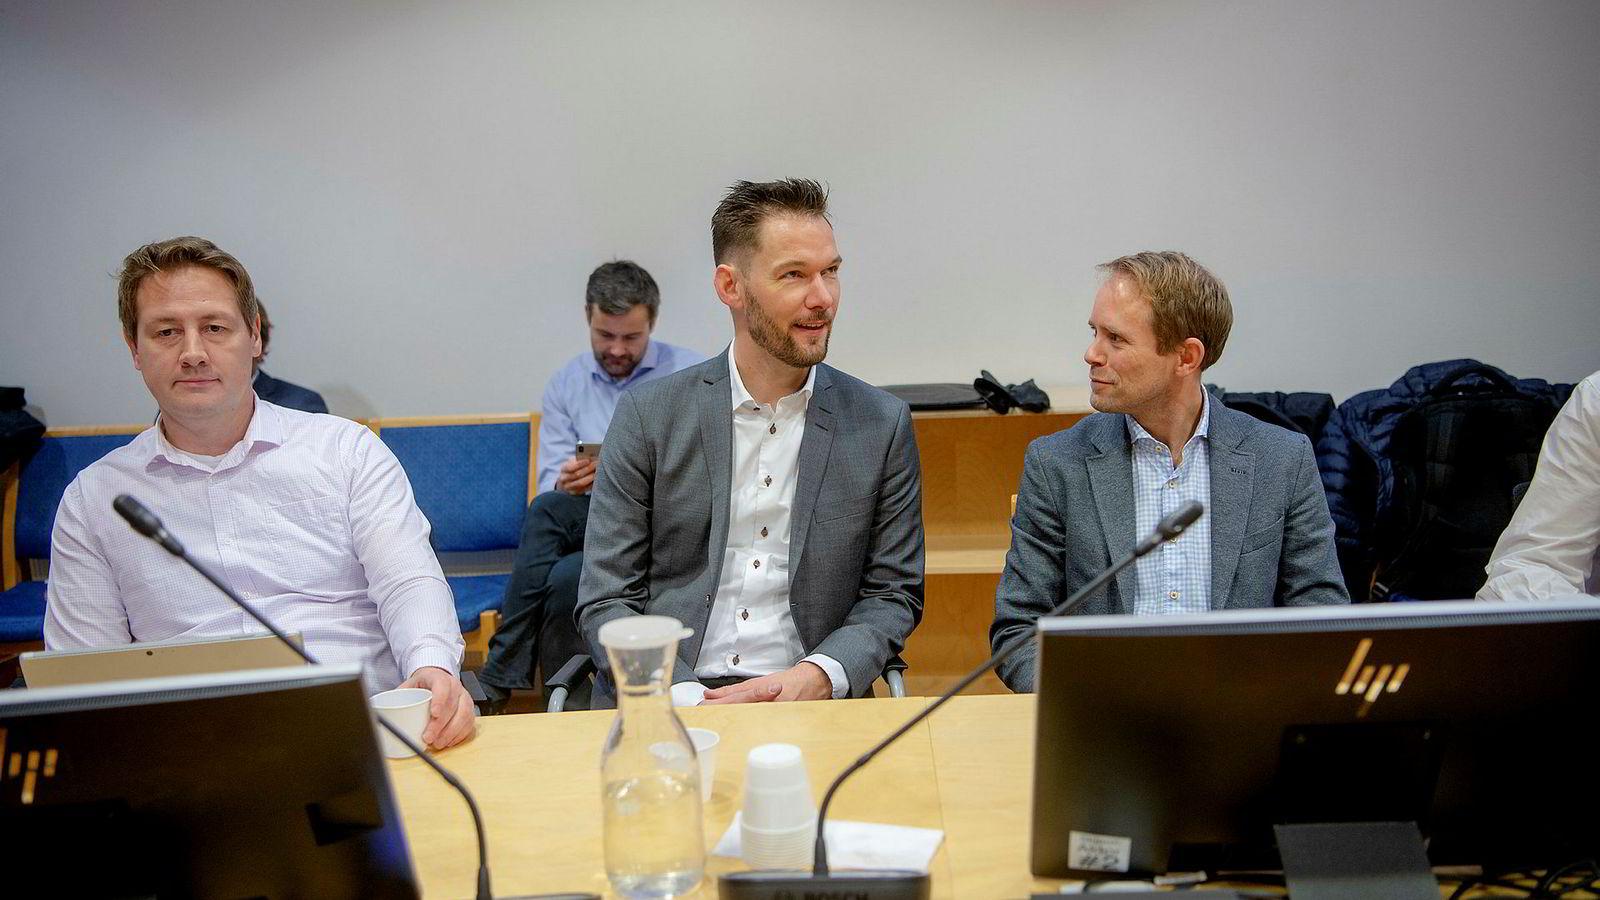 Markedsdirektør Steffen Ryengen fra Komplett Bank (til venstre), markedsansvarlig Sigve Heldal fra Monobank og markedssjef Christian Gagnum fra Ikano Bank gikk hardt ut mot Bank Norwegian i retten.